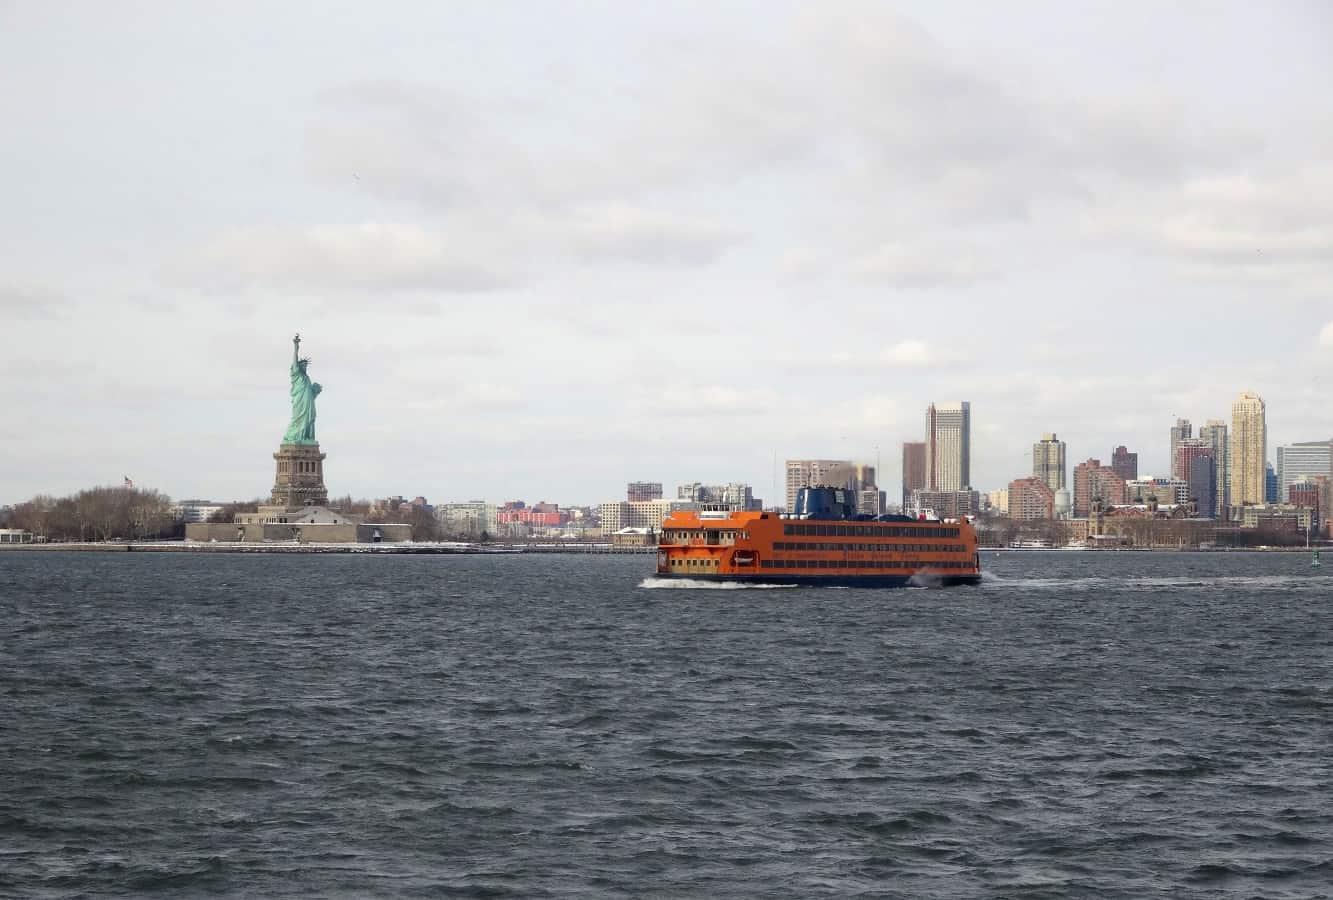 New York Freiheitsstatue mit Staten Island Ferry in der Upper Bay